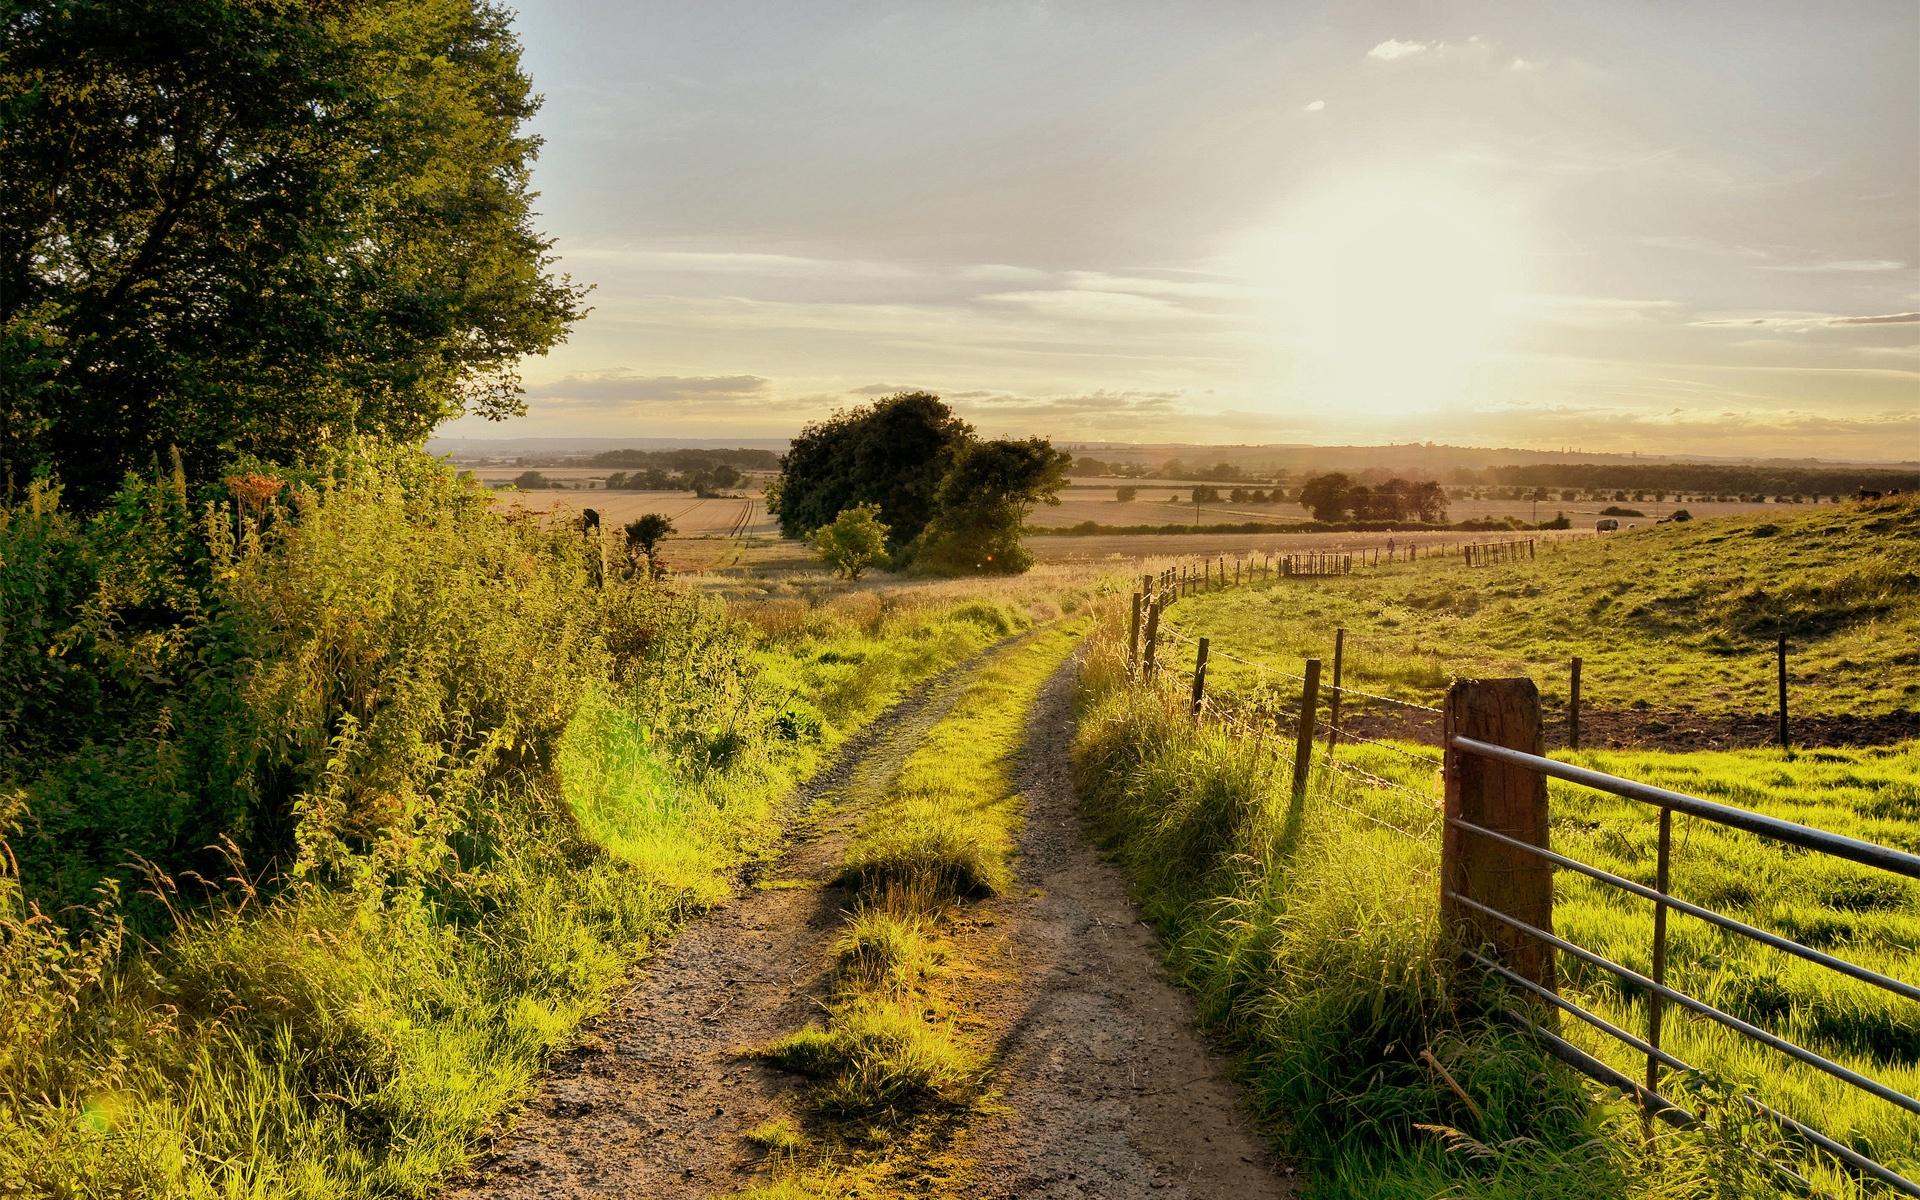 여름 자연 풍경, 도로, 나무, 울타리, 잔디에, 태양, 배경 화면 ...